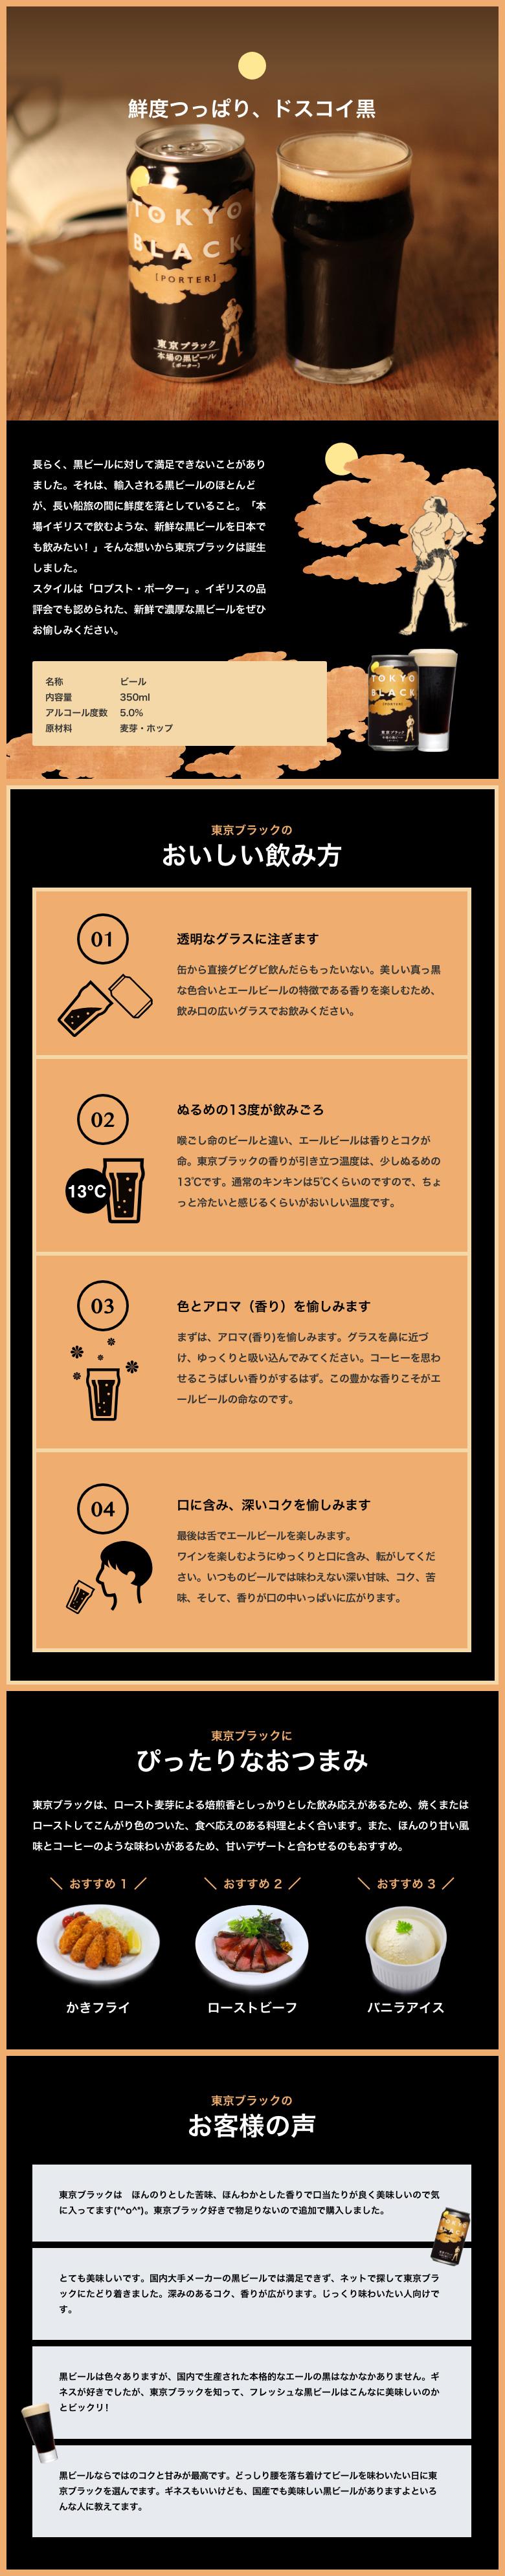 東京ブラック 商品説明